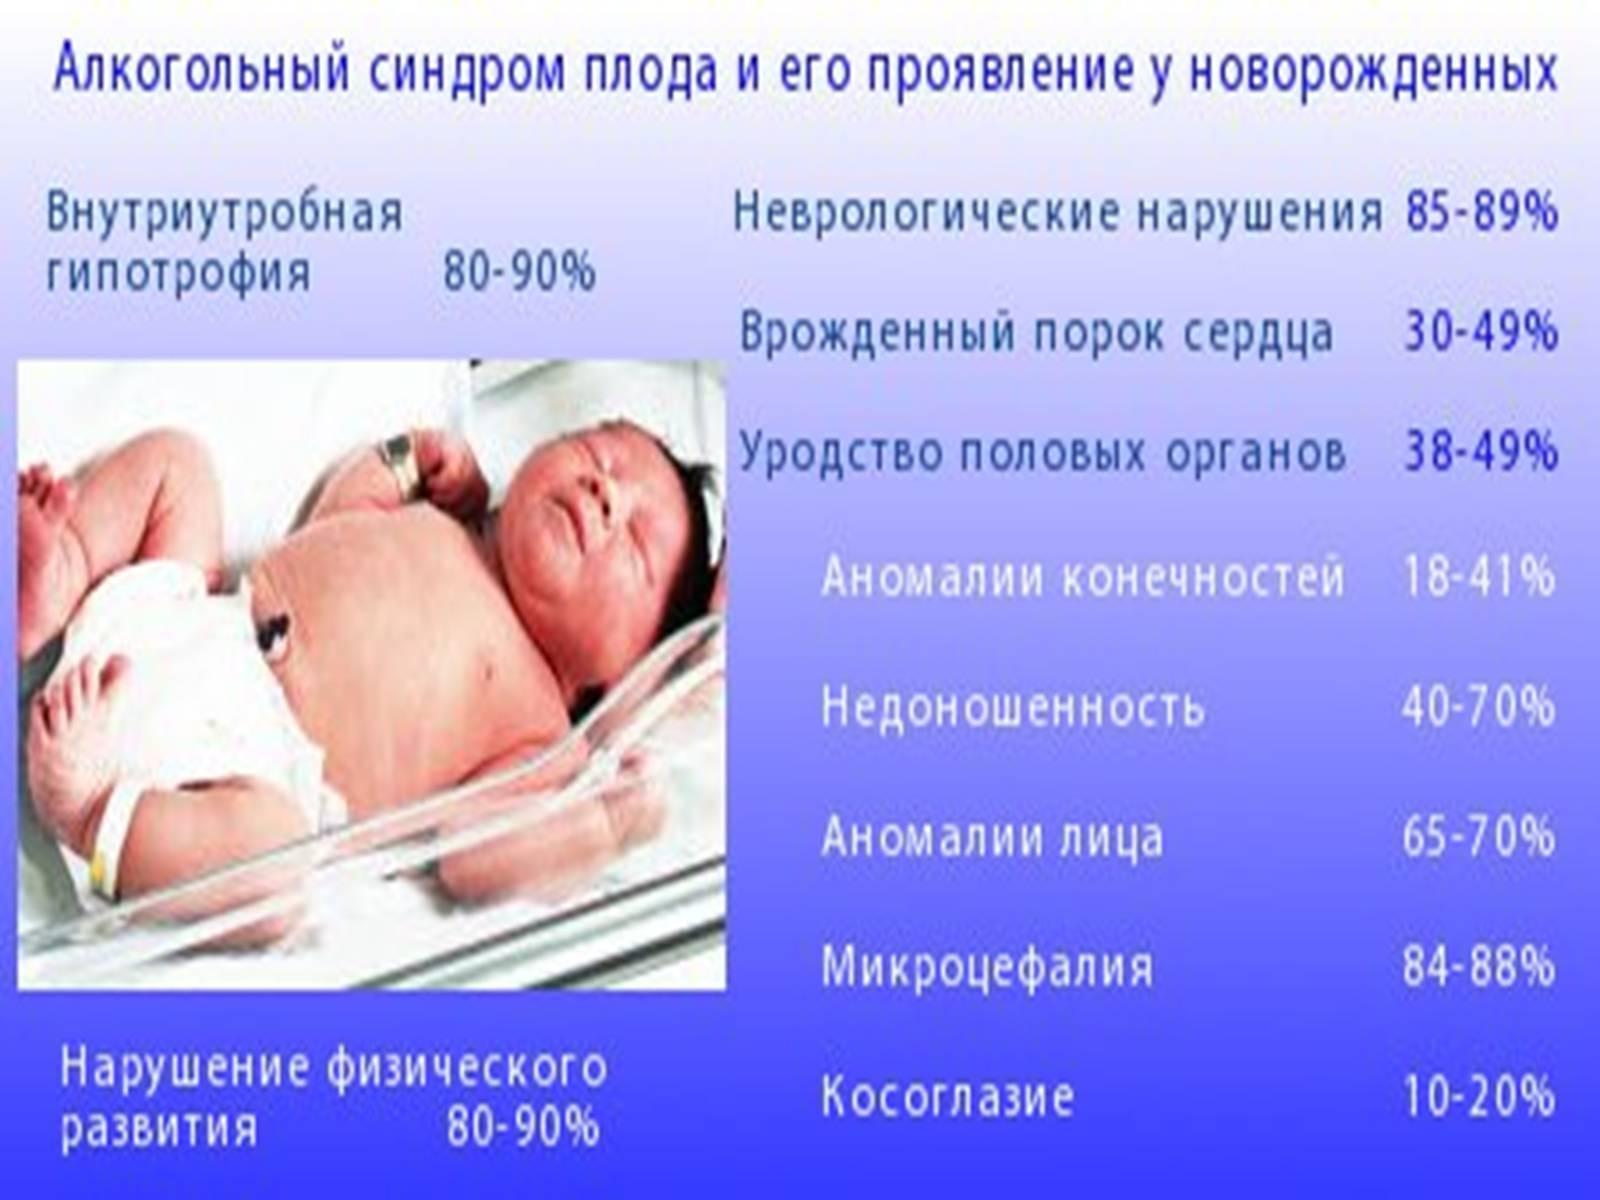 Влияние алкоголя на эмбриональное развитие ребенка